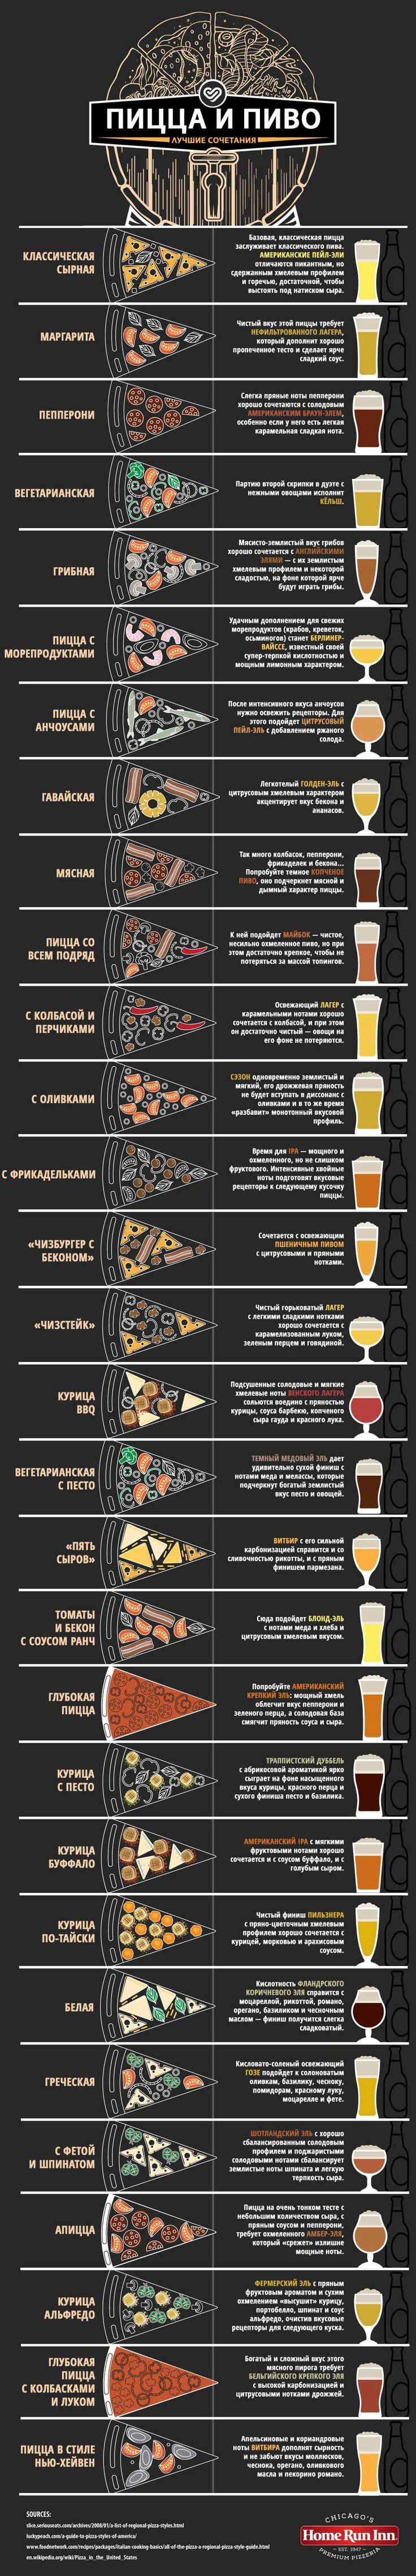 Инфографика: как сочетать пиво и пиццу - Пиво